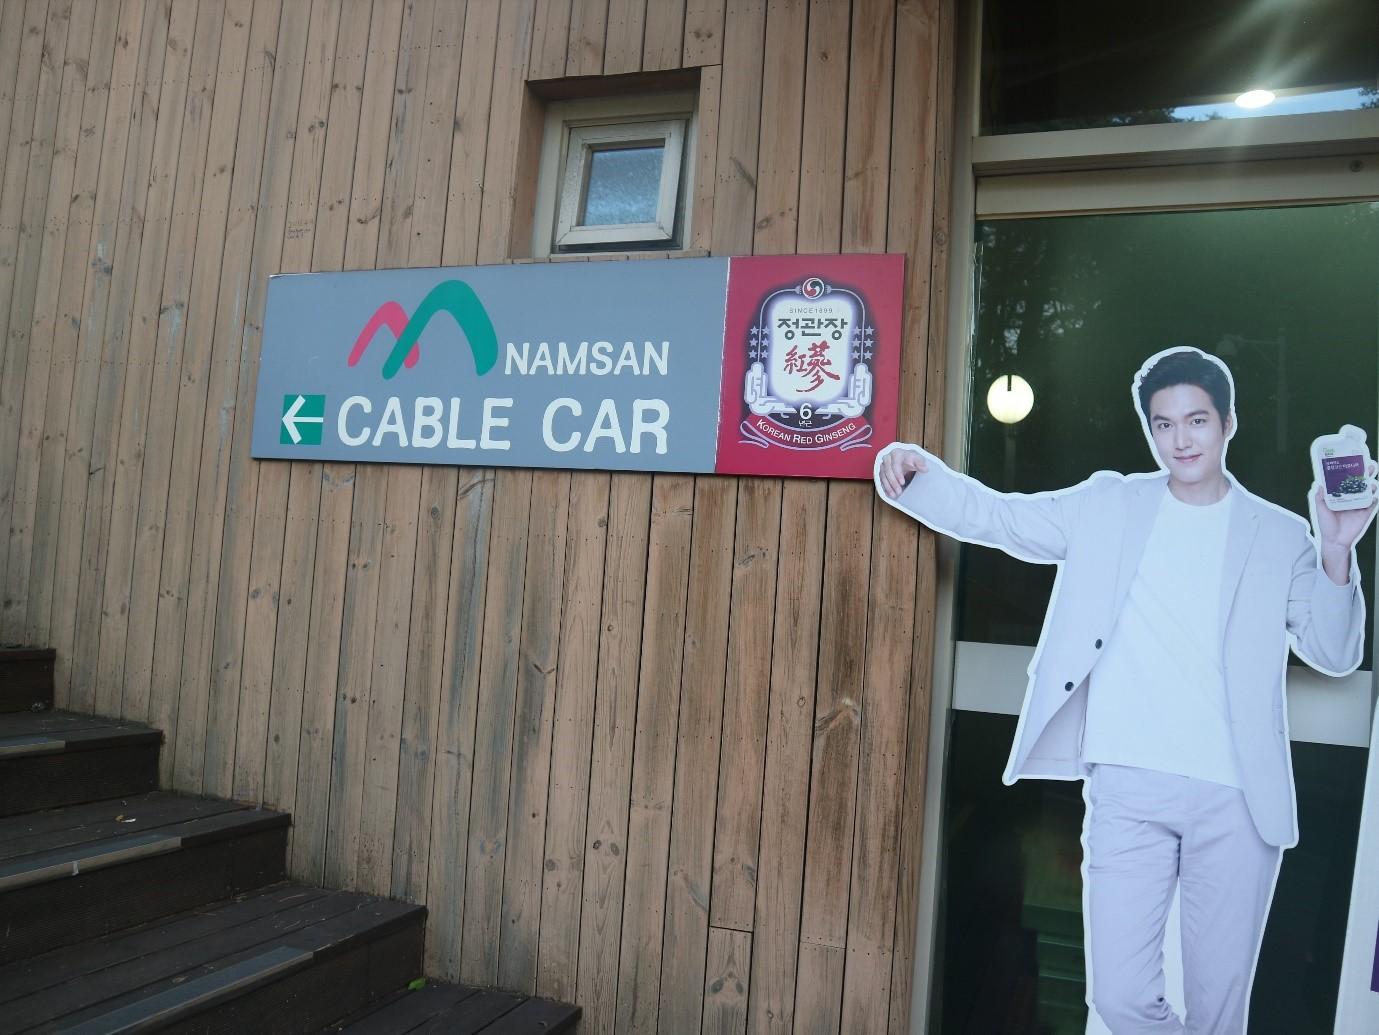 Namsan Cable Car Entrance